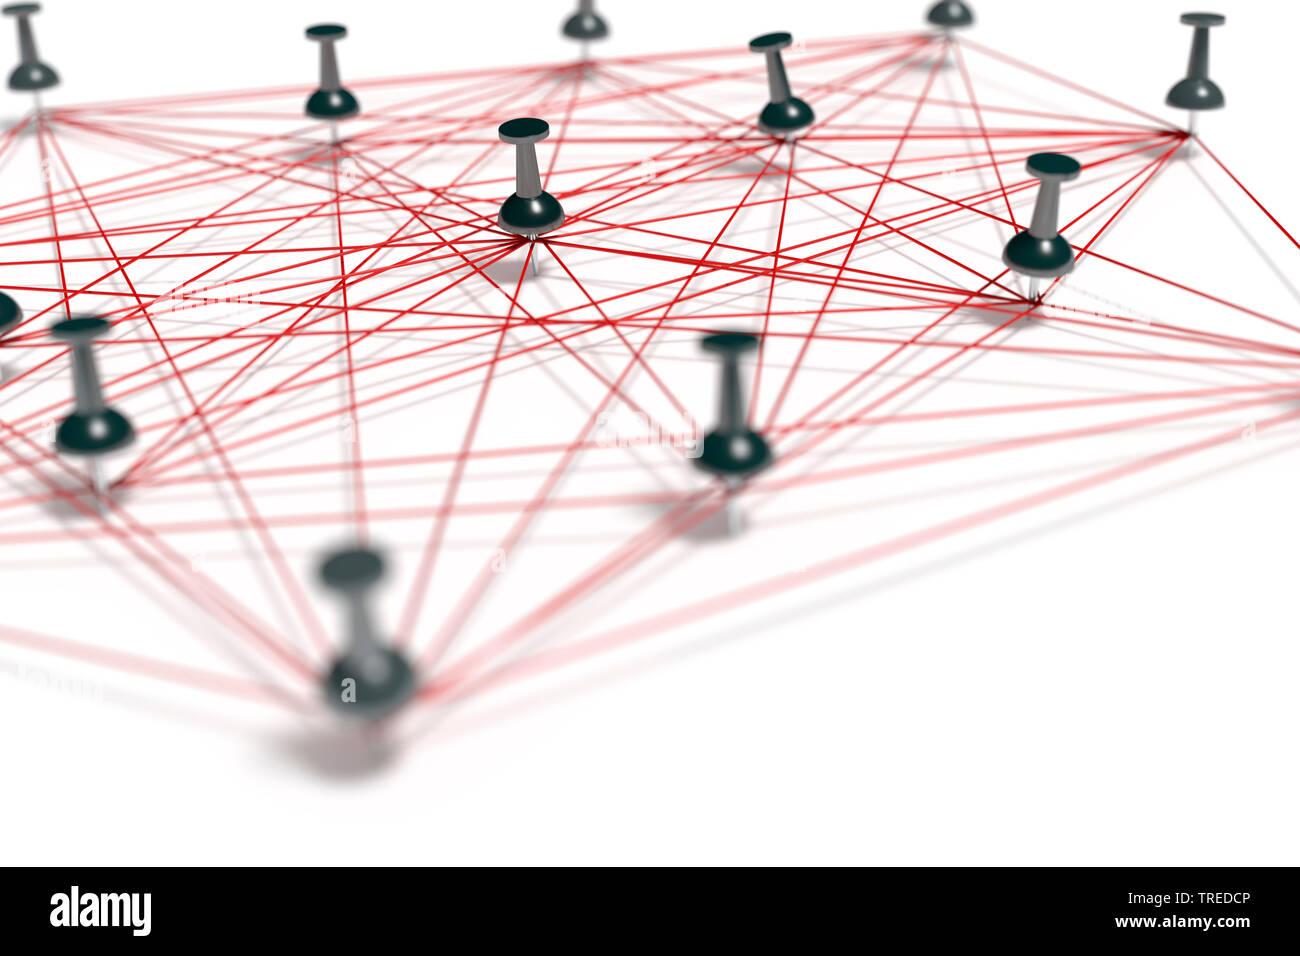 Pins conectados con hilos rojos, simbolizando en una estructura de red Foto de stock